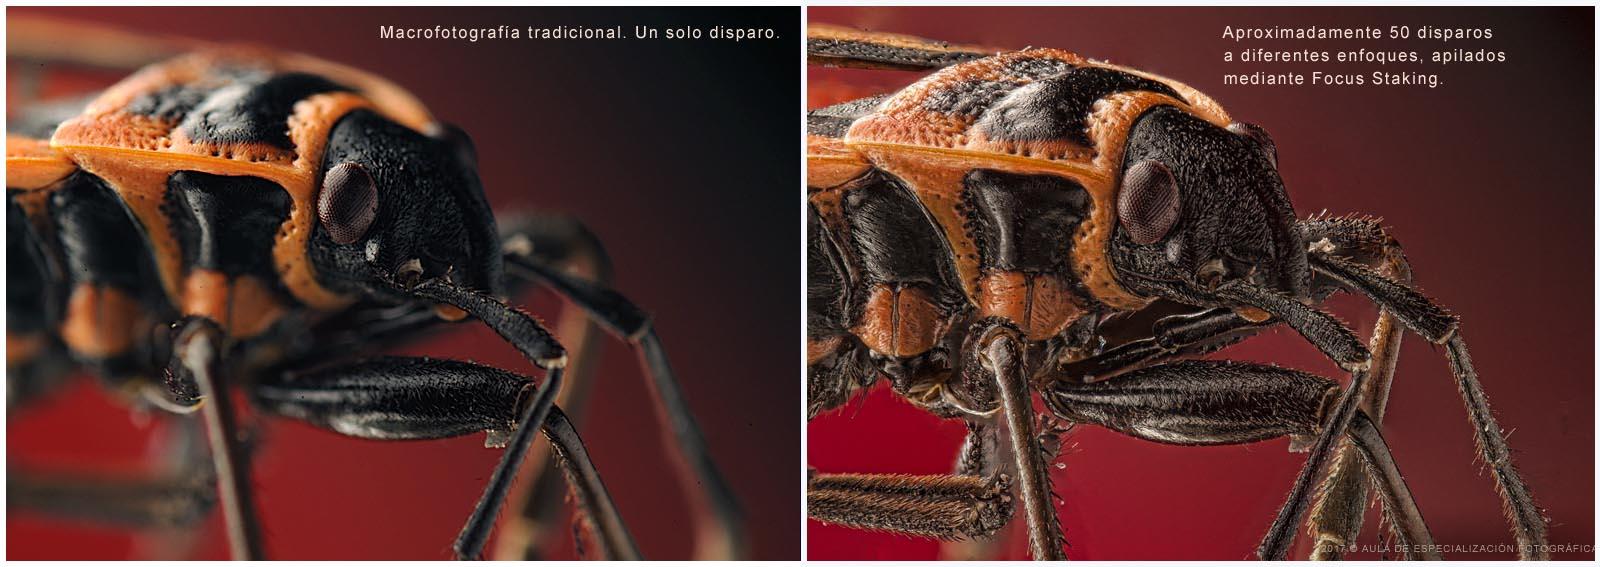 En la fotografía tradicional solo es posible enfocar un solo plano y cerrar diafragma para conseguir la mayor profundidad de campo, en cambio con el apilamiento de enfoque, Focus Stacking, se puede ver con mucha más nitidez a lo largo de todos los planos.